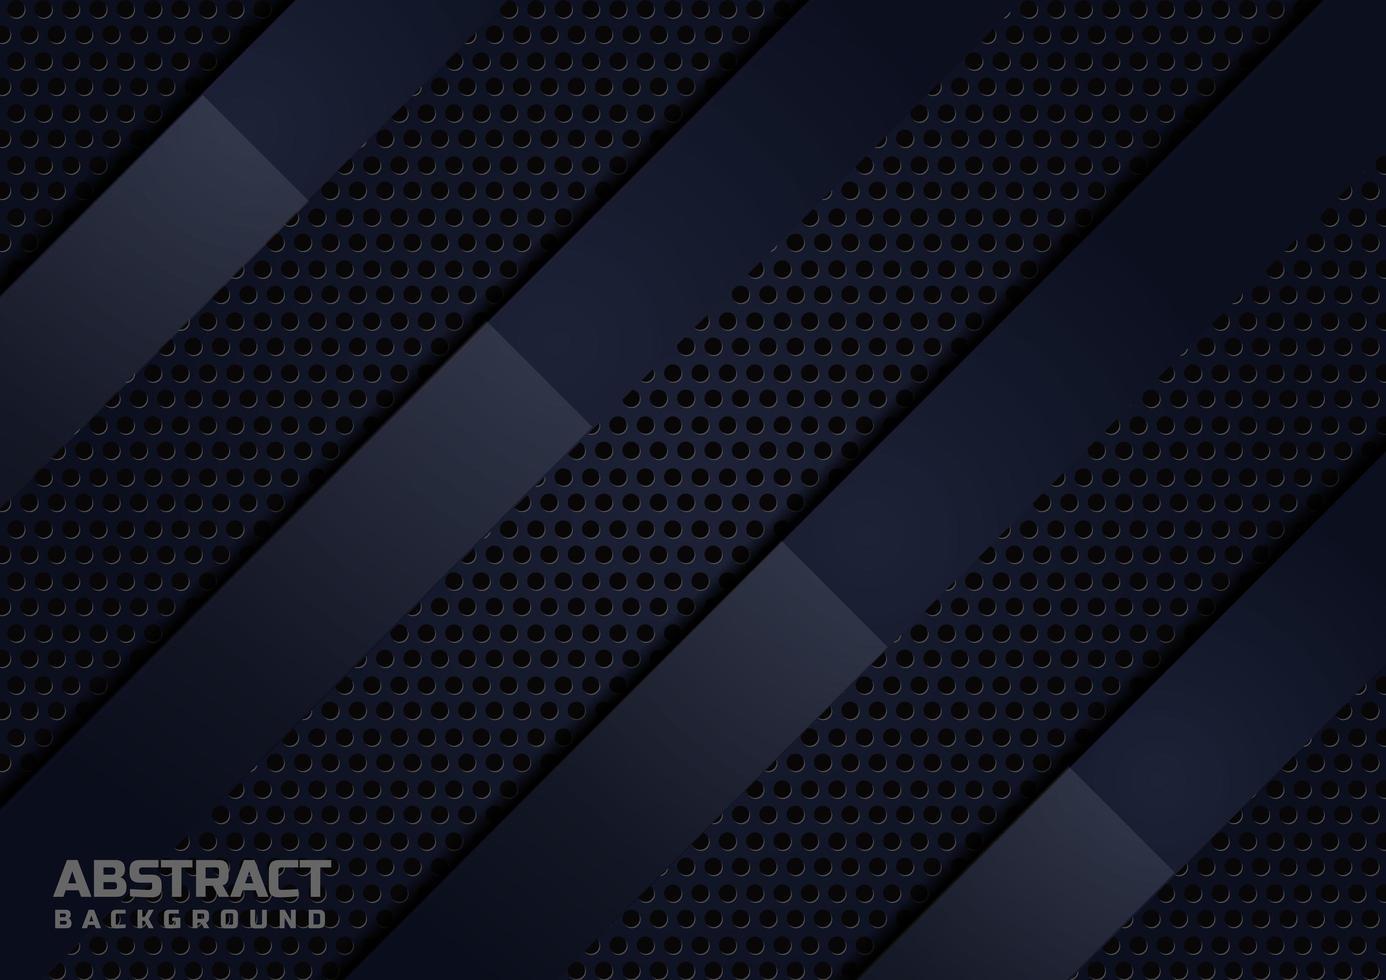 abstraktes schwarzes diagonales überlappendes Luxusmuster aus gefaltetem Papier vektor